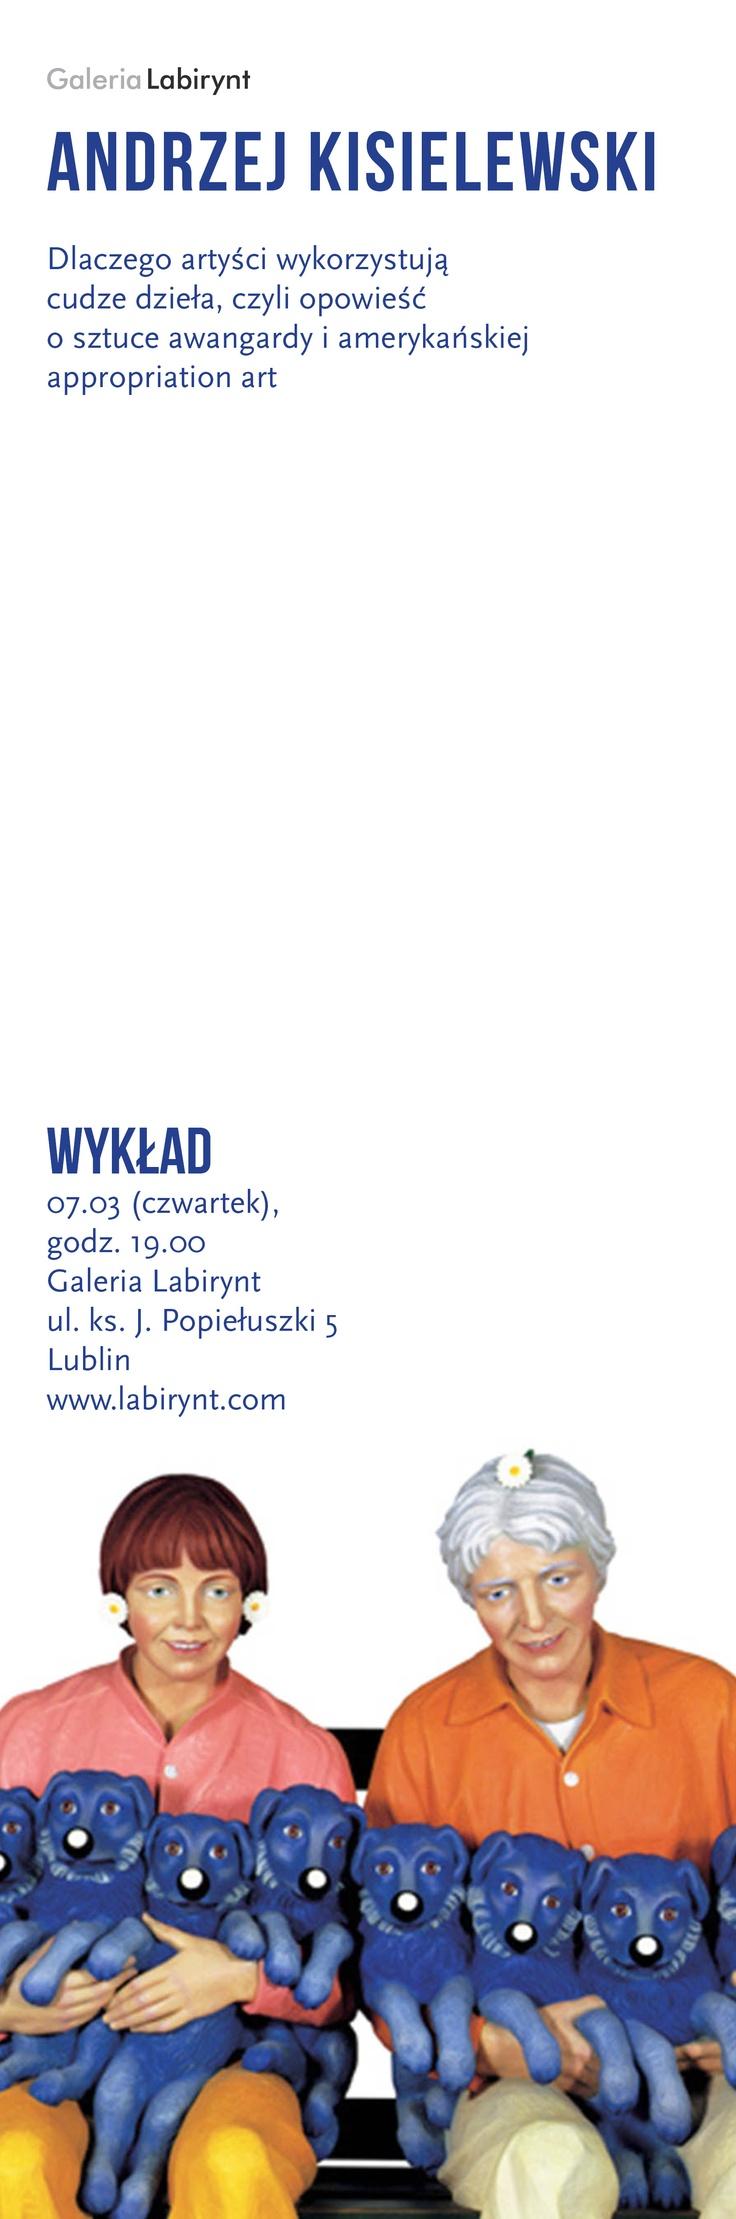 Dlaczego artyści wykorzystują cudze dzieła, czyli opowieść o sztuce awangardy i amerykańskiej appropriation art / First avant-garde art and American appropriation art - Andrzej Kisielewski (lecture)